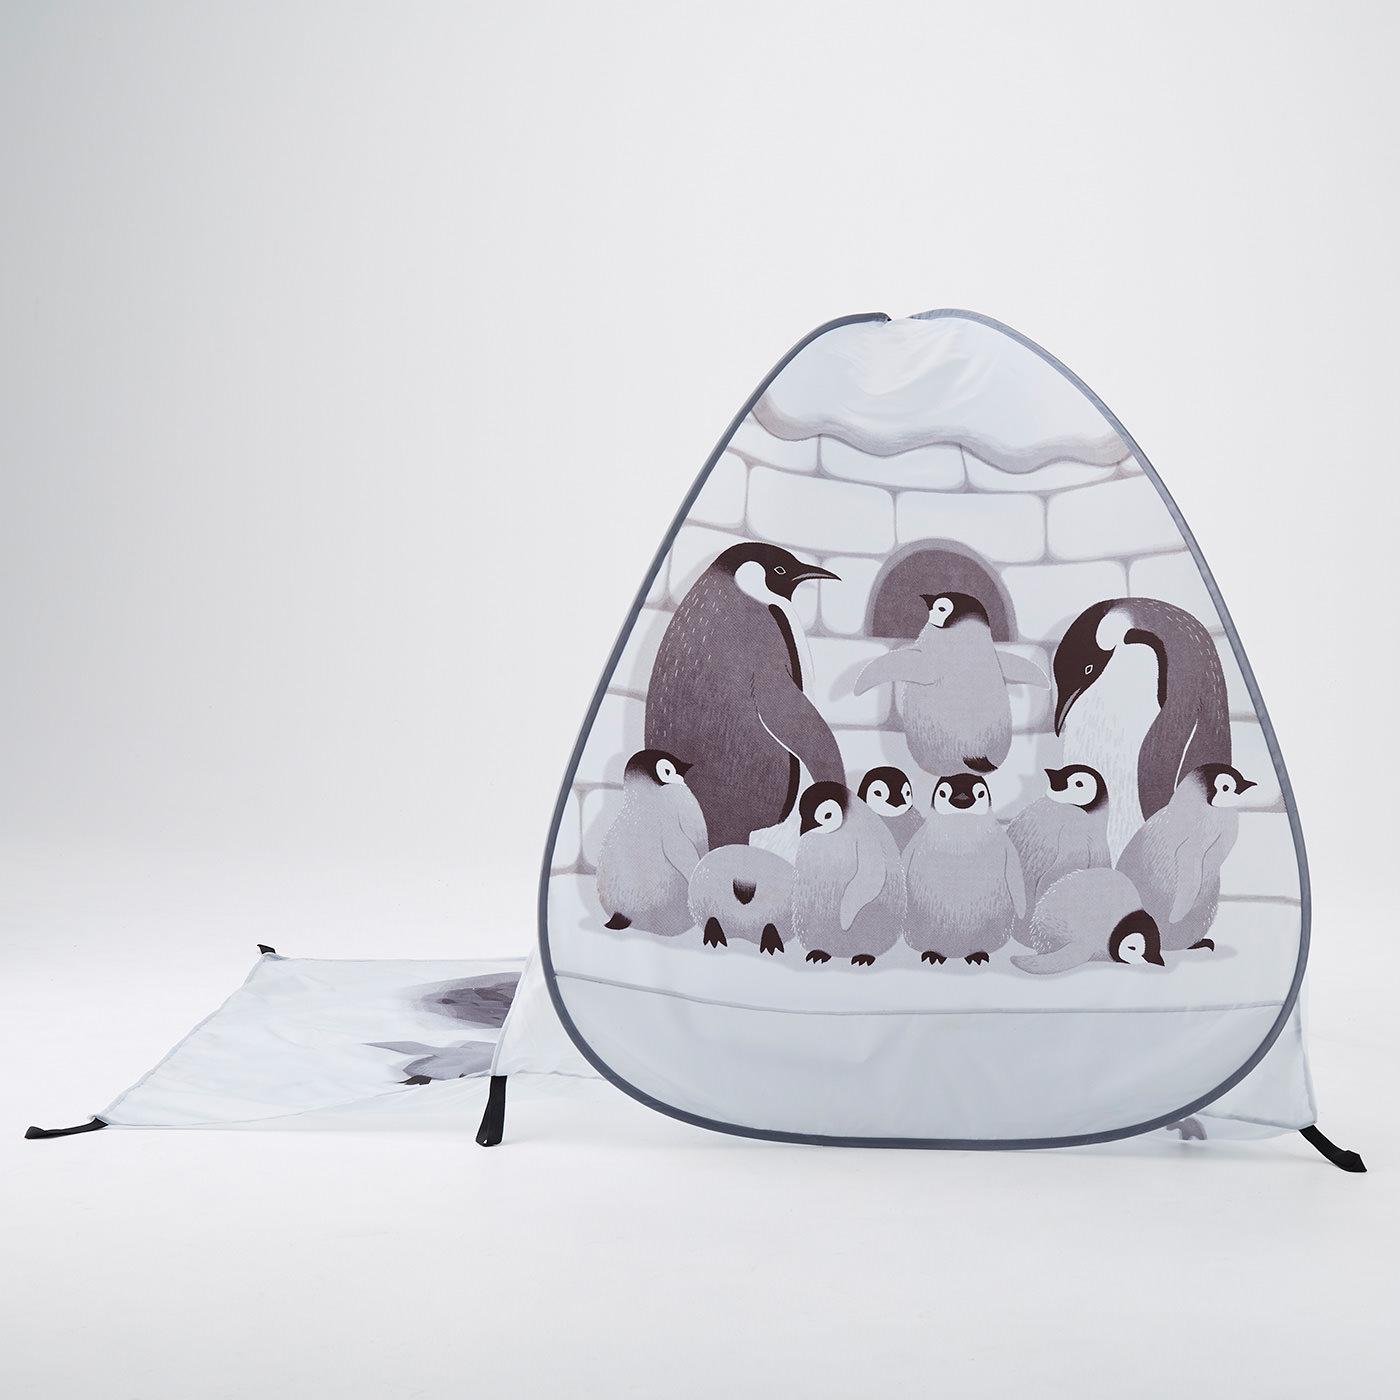 側面にはペンギン一家のイラストが!